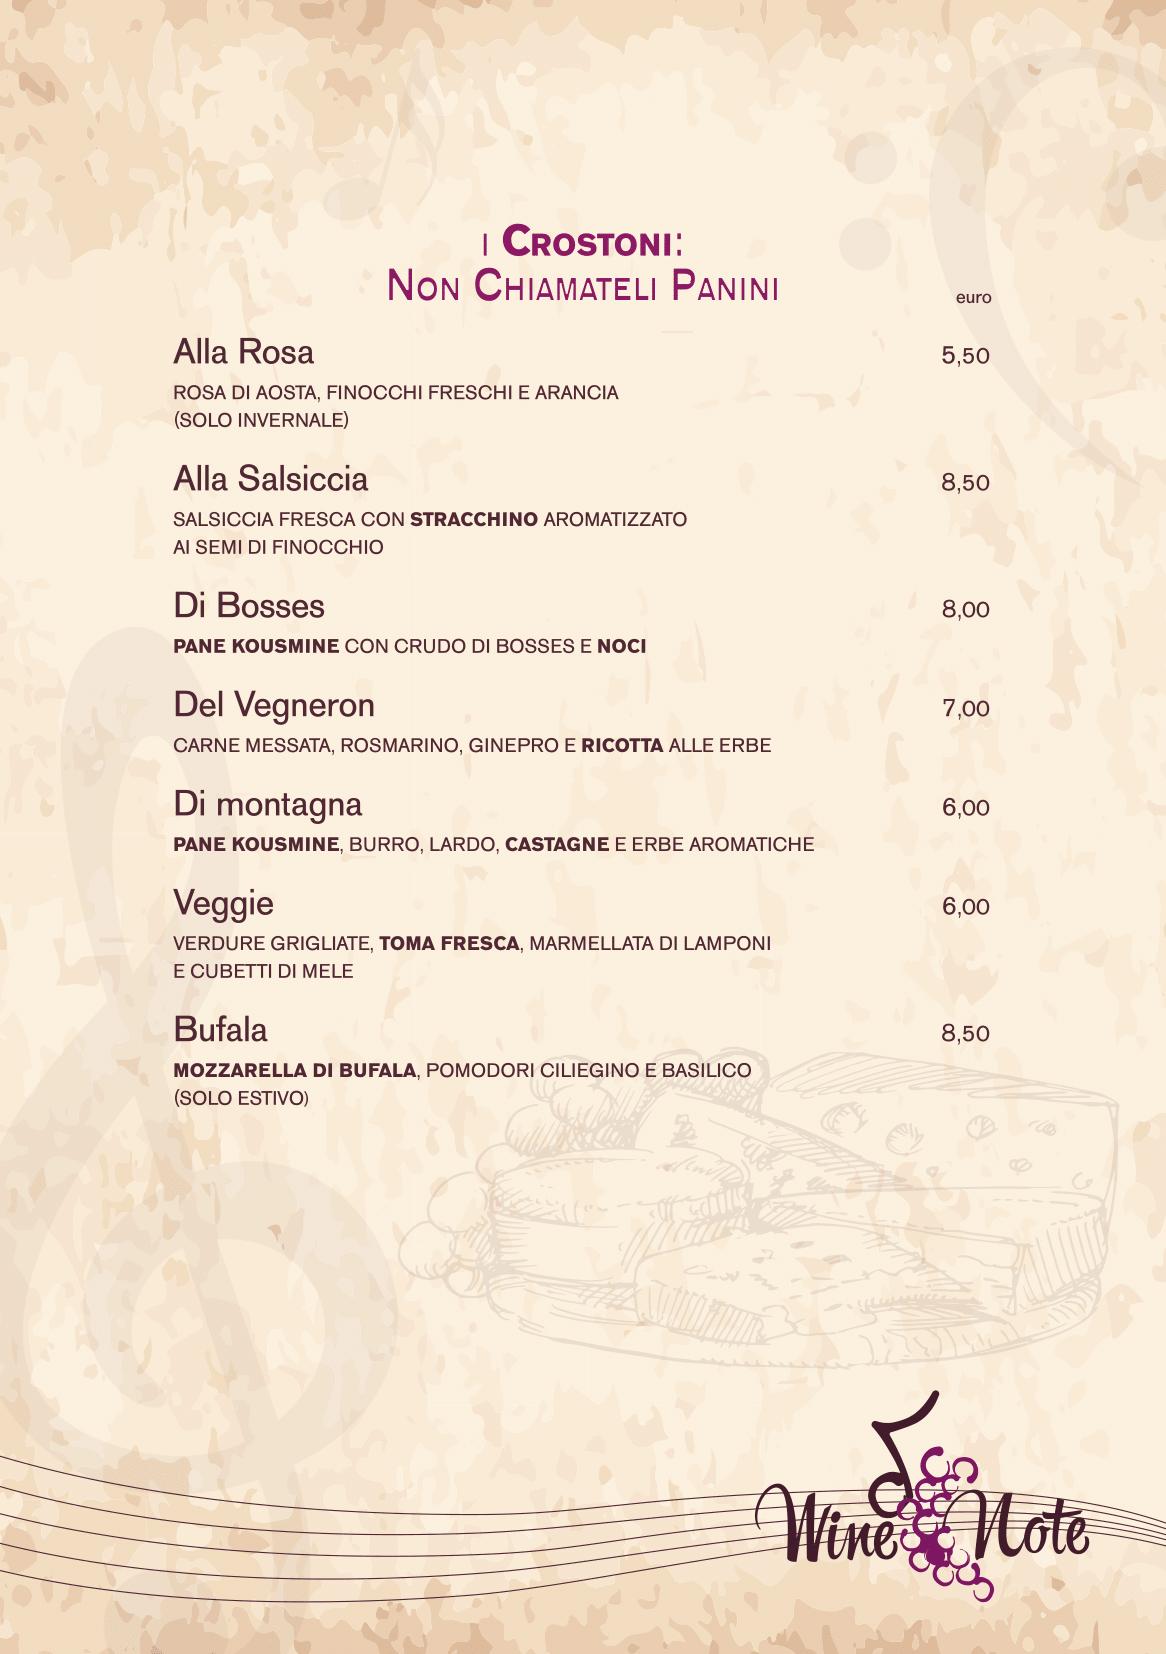 Wine note menu e vini A5-04